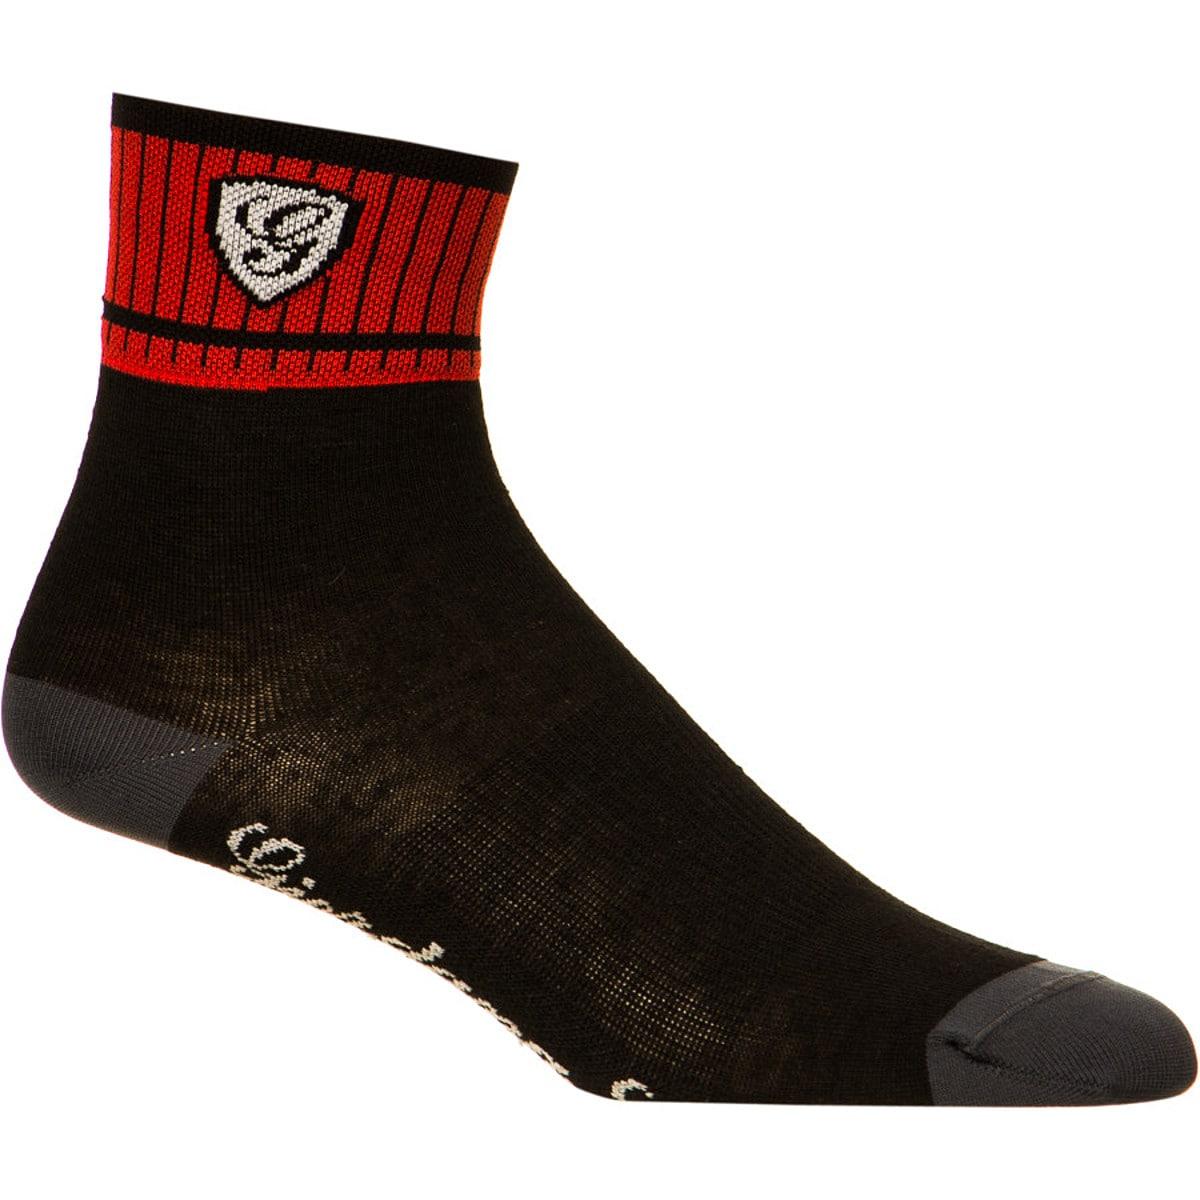 Giordana Sport Socks - Men's